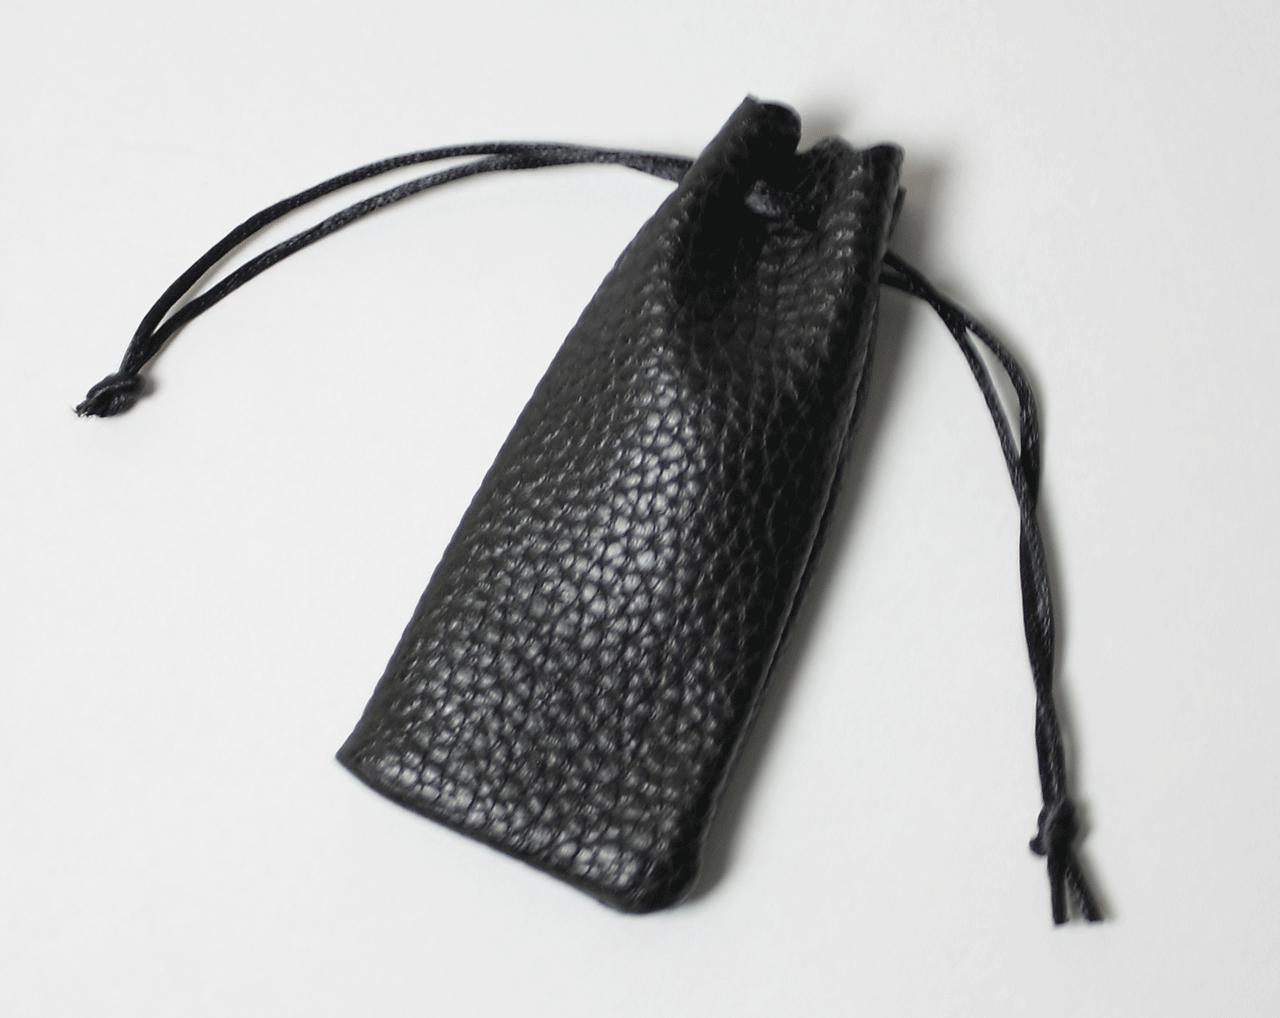 法人角印 オランダ水牛(天角) 24.0mm